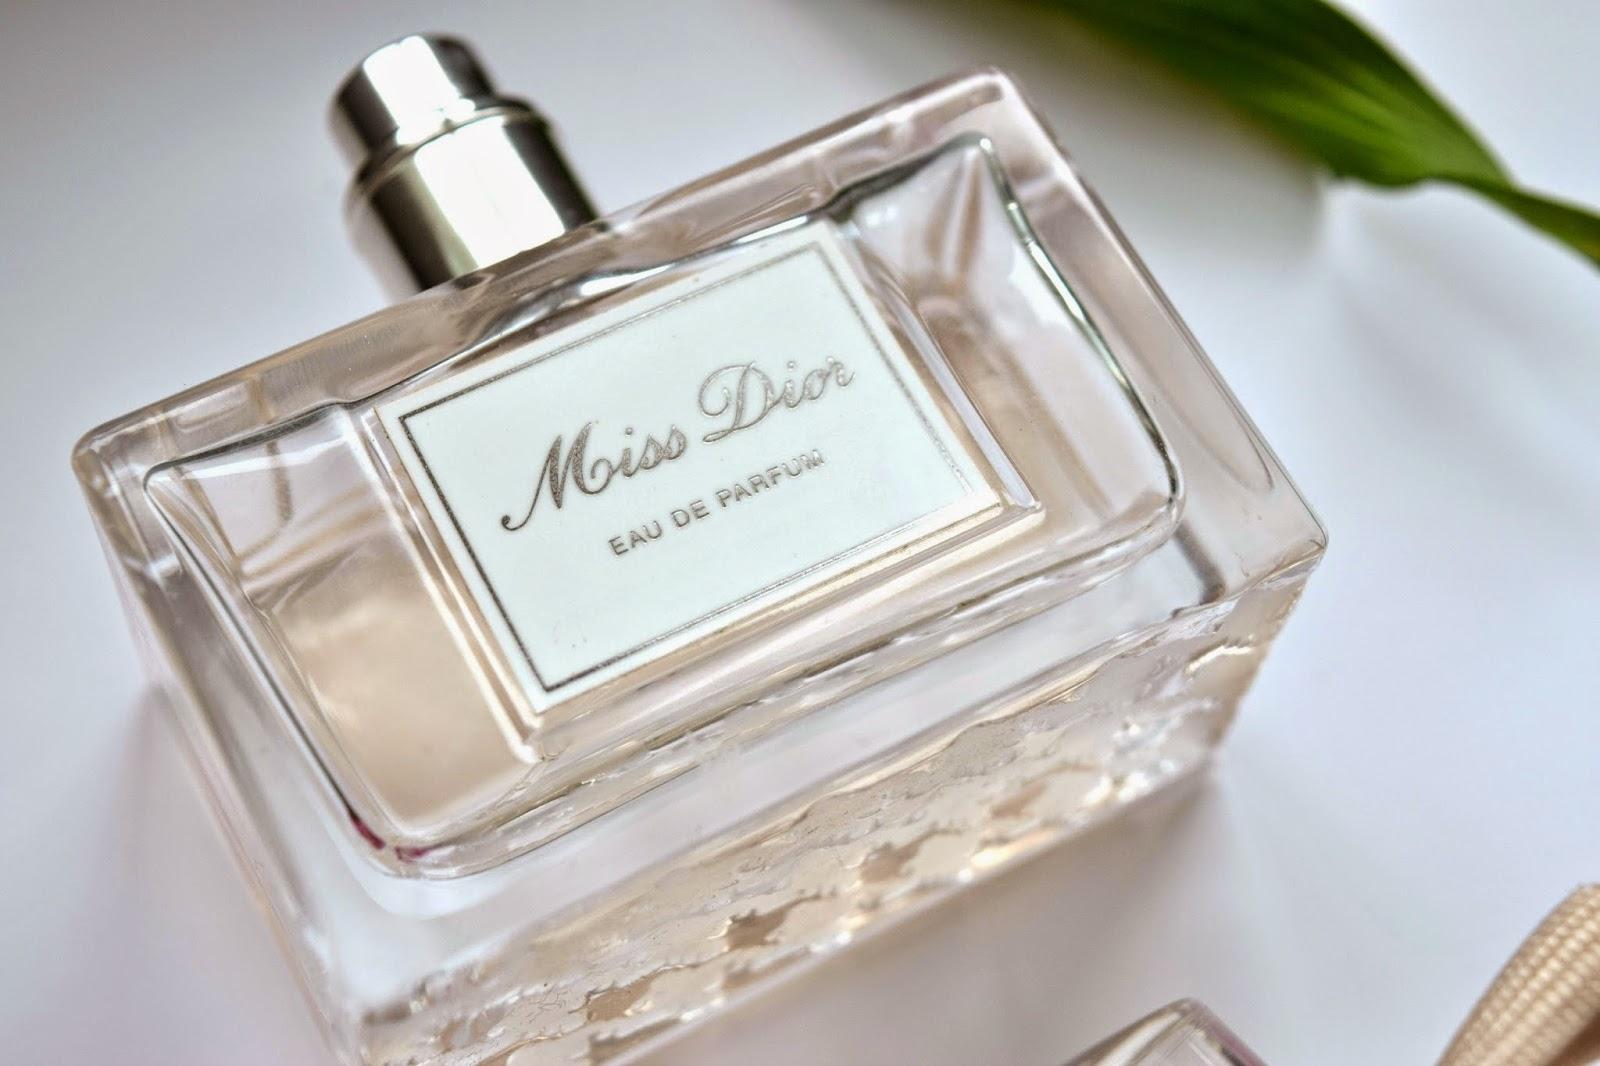 Perfume, Reviews, Miss Dior, Chloe, Jo Malone, Miss Dior, Eau De Parfum